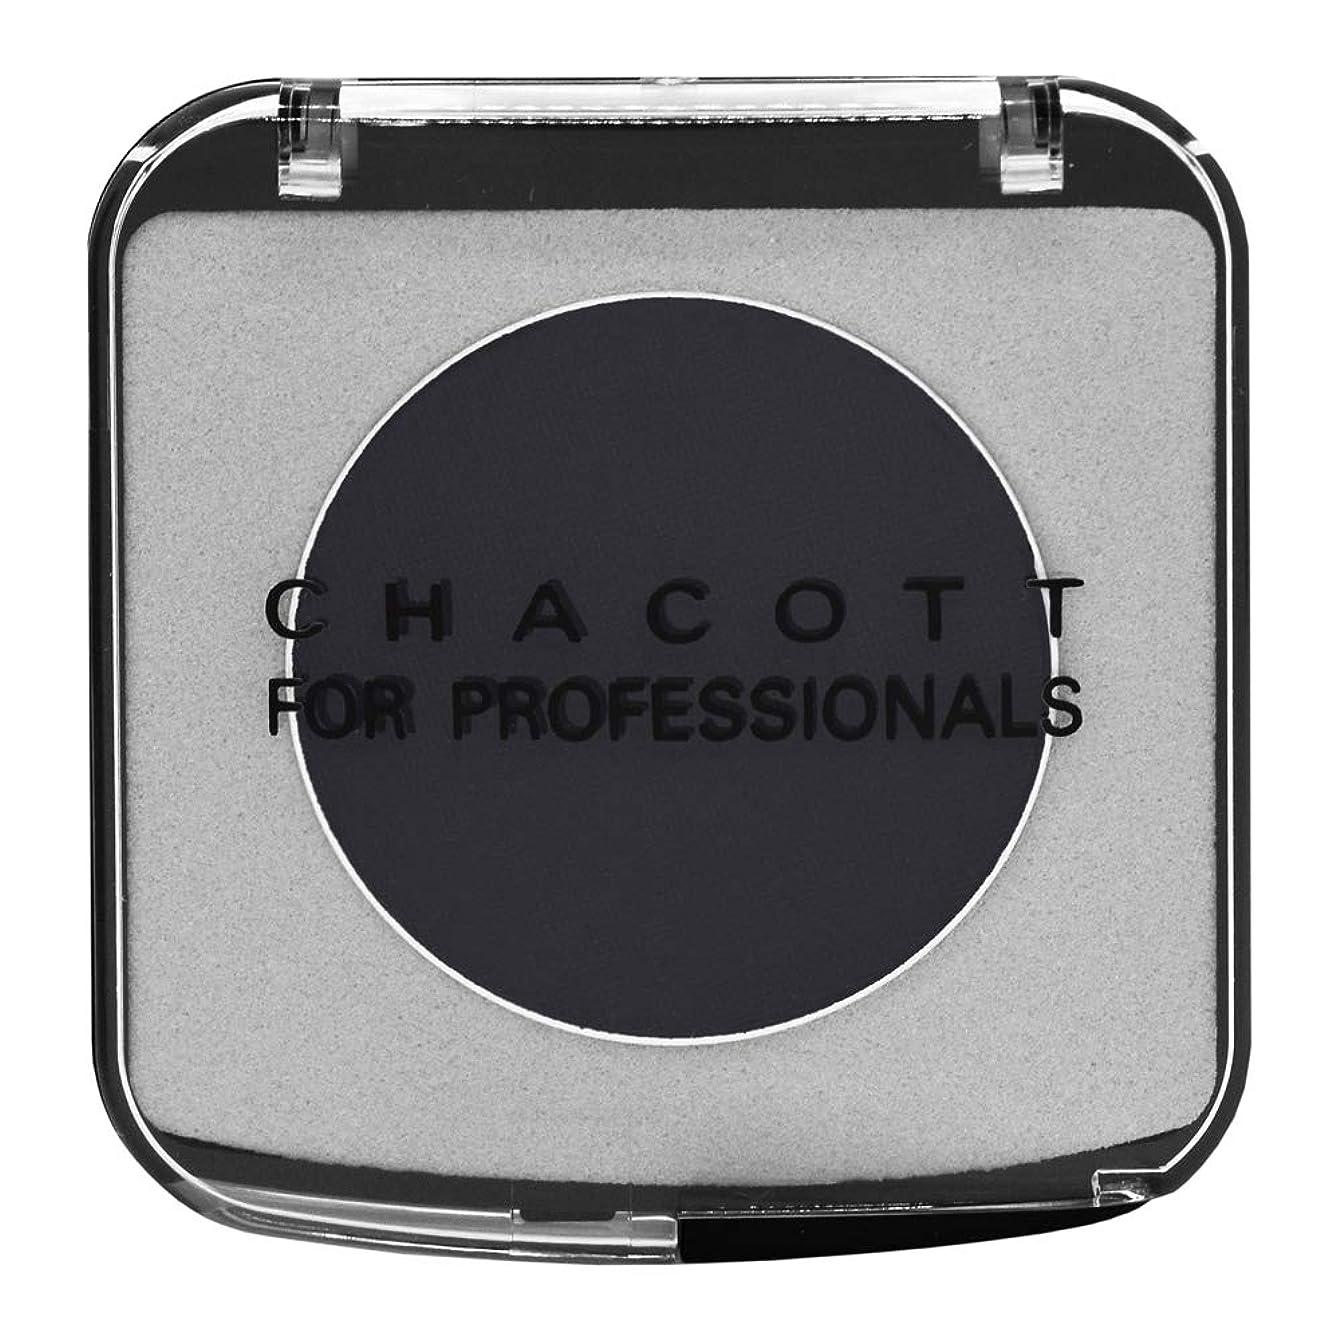 言及するシプリーメールを書くCHACOTT<チャコット> カラーバリエーション 628.ブラック